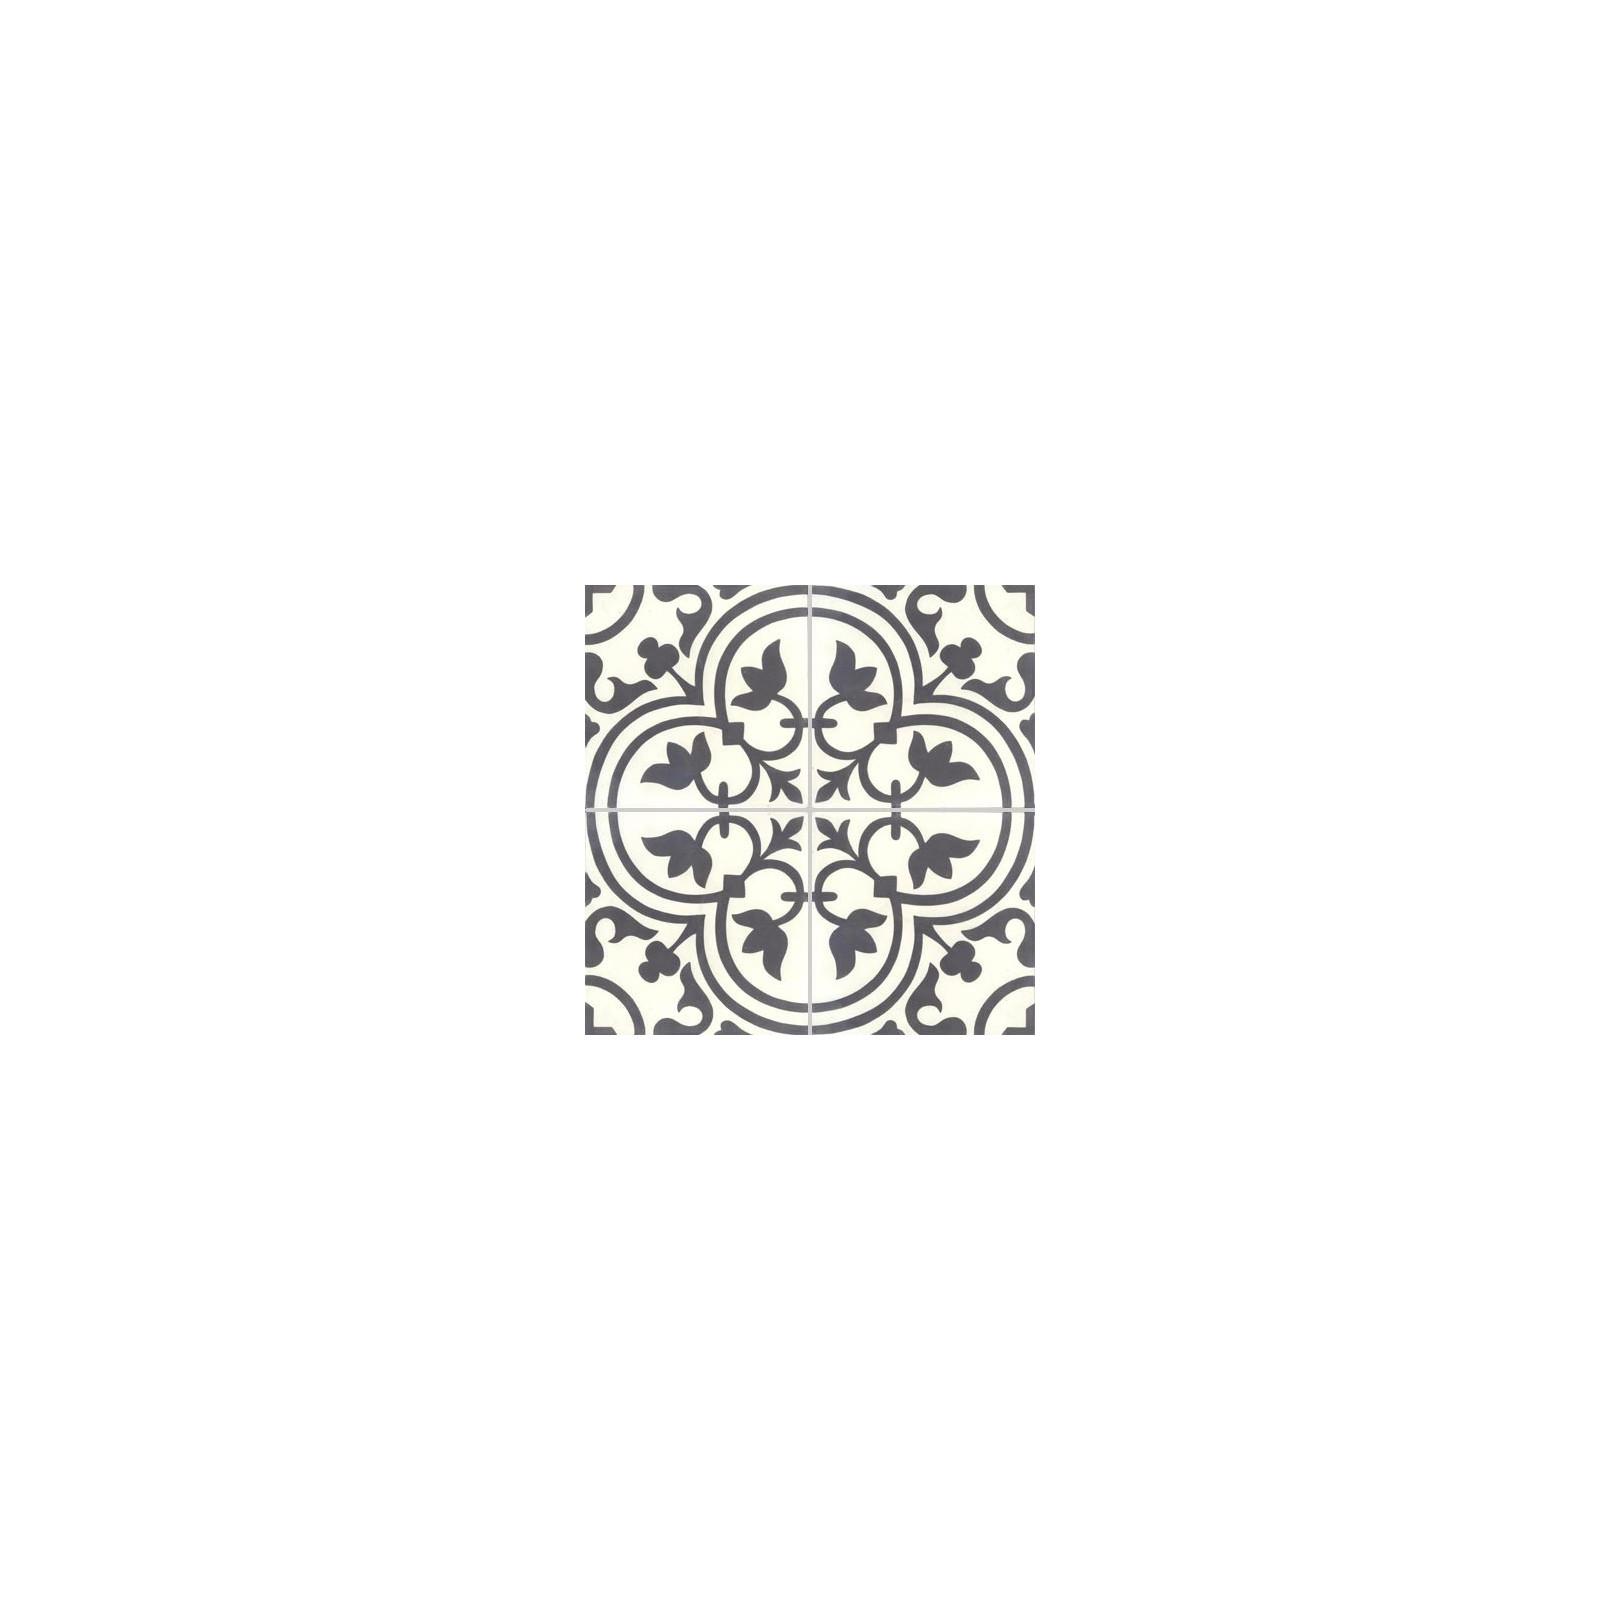 carreau de ciment colore motif 4 carreaux noir et blanc normandie 10 01